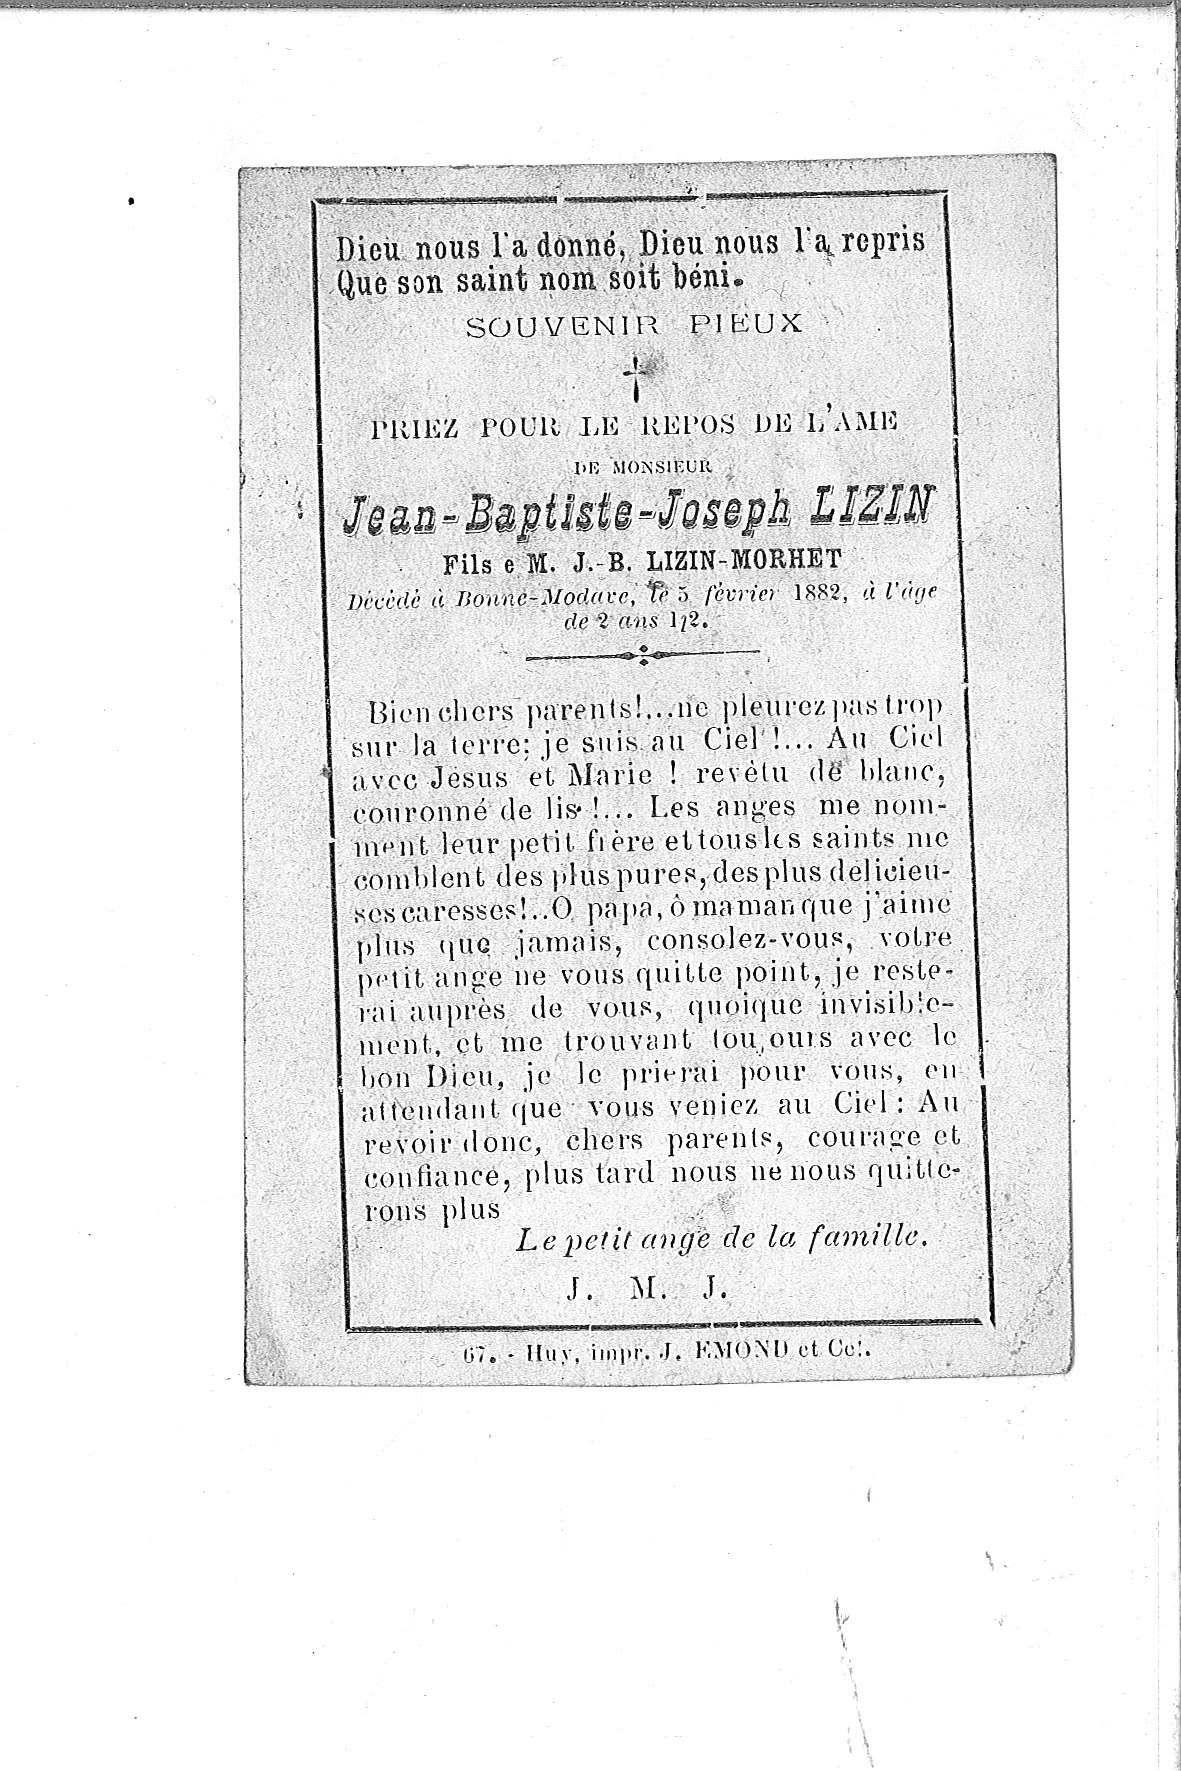 Jean Baptiste Joseph(1882)20131203145956_00014.jpg